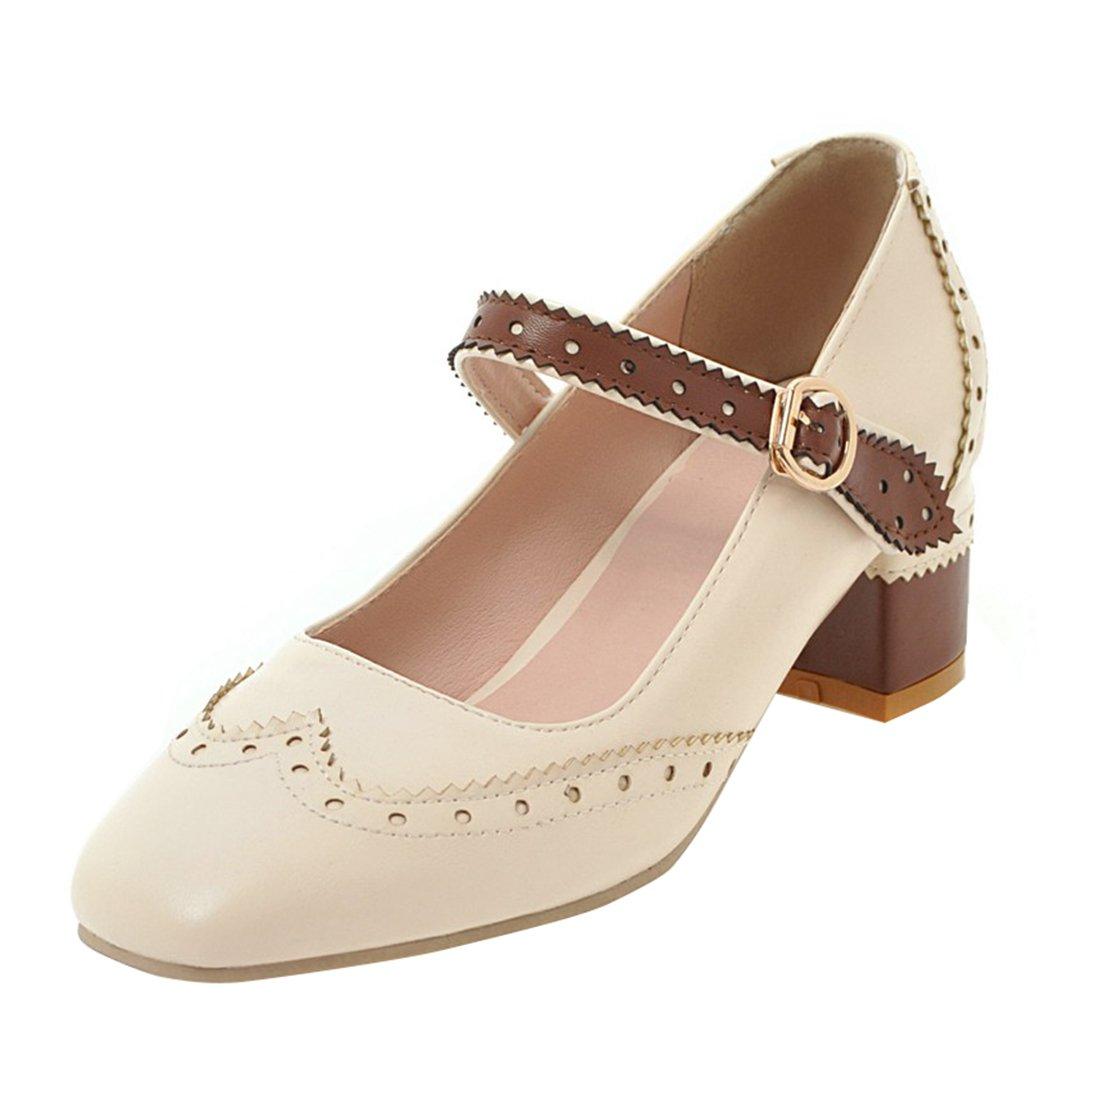 YE Damen Mary Janes Brogue Pumps Blockabsatz High Heels mit Riemchen Elegant Schuhe  37 EU|Beige